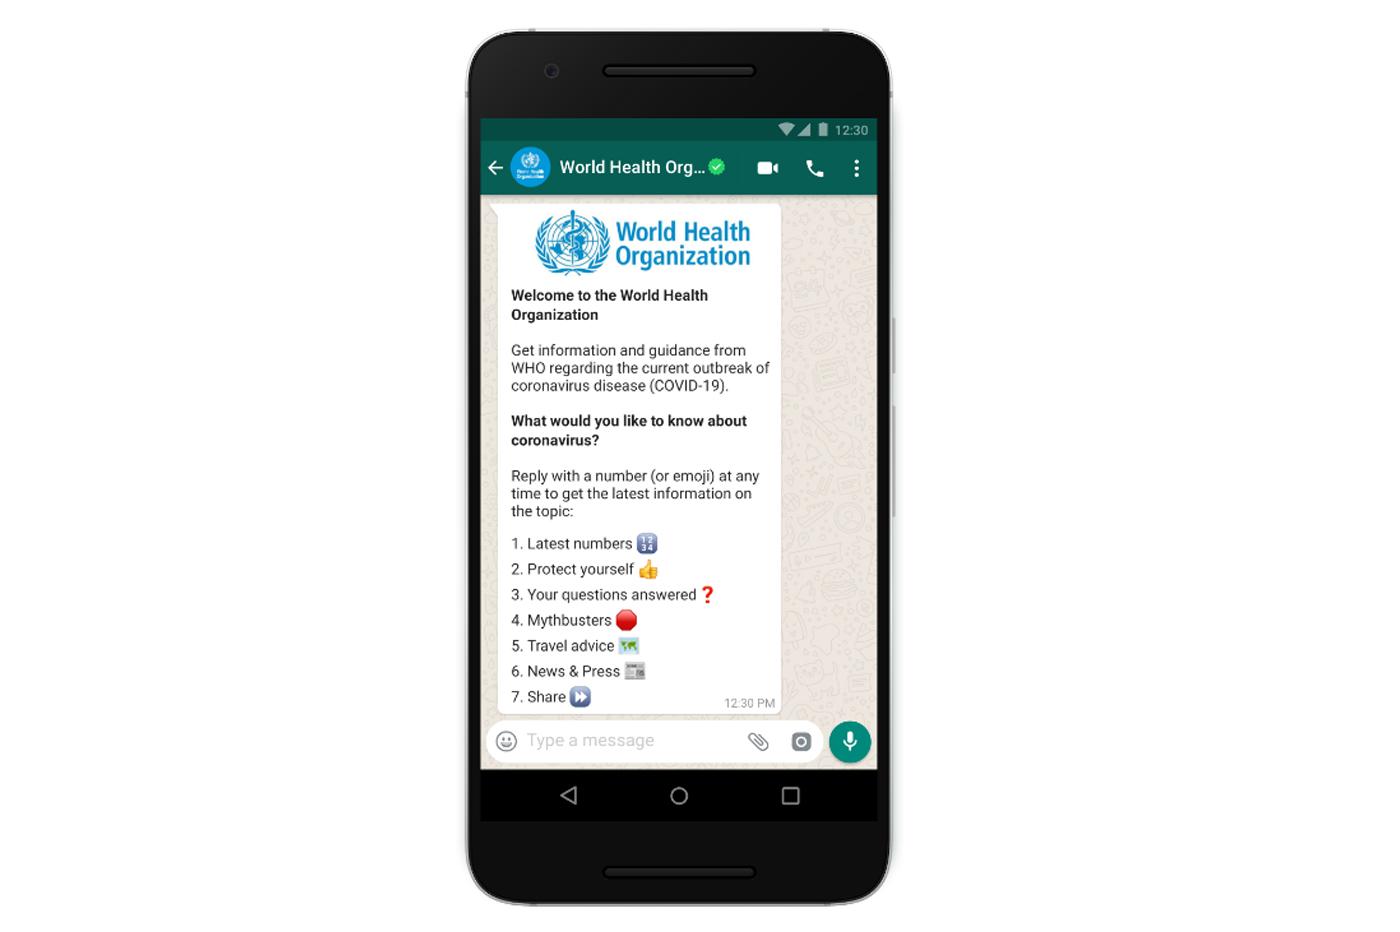 WhatsApp s'associe à l'OMS pour éradiquer les fake news concernant le COVID-19